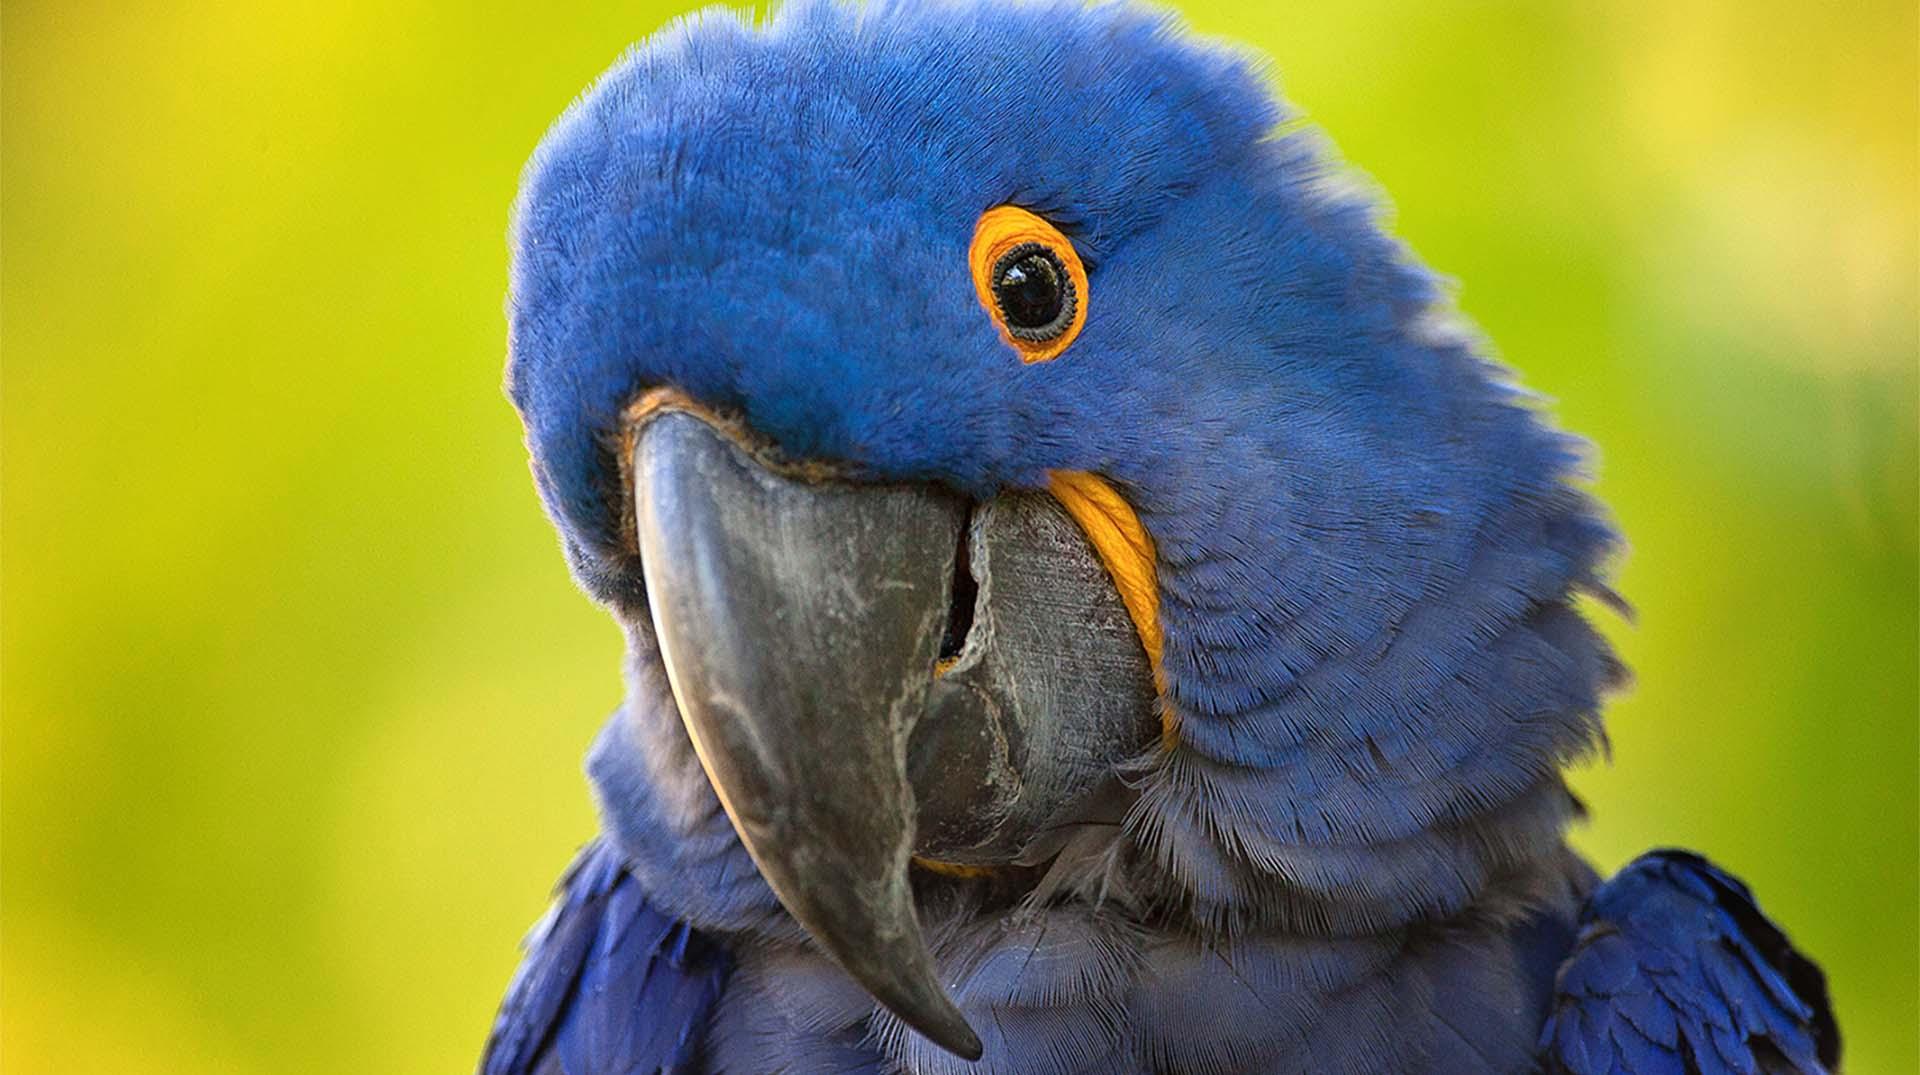 Macaw   San Diego Zoo Animals & Plants